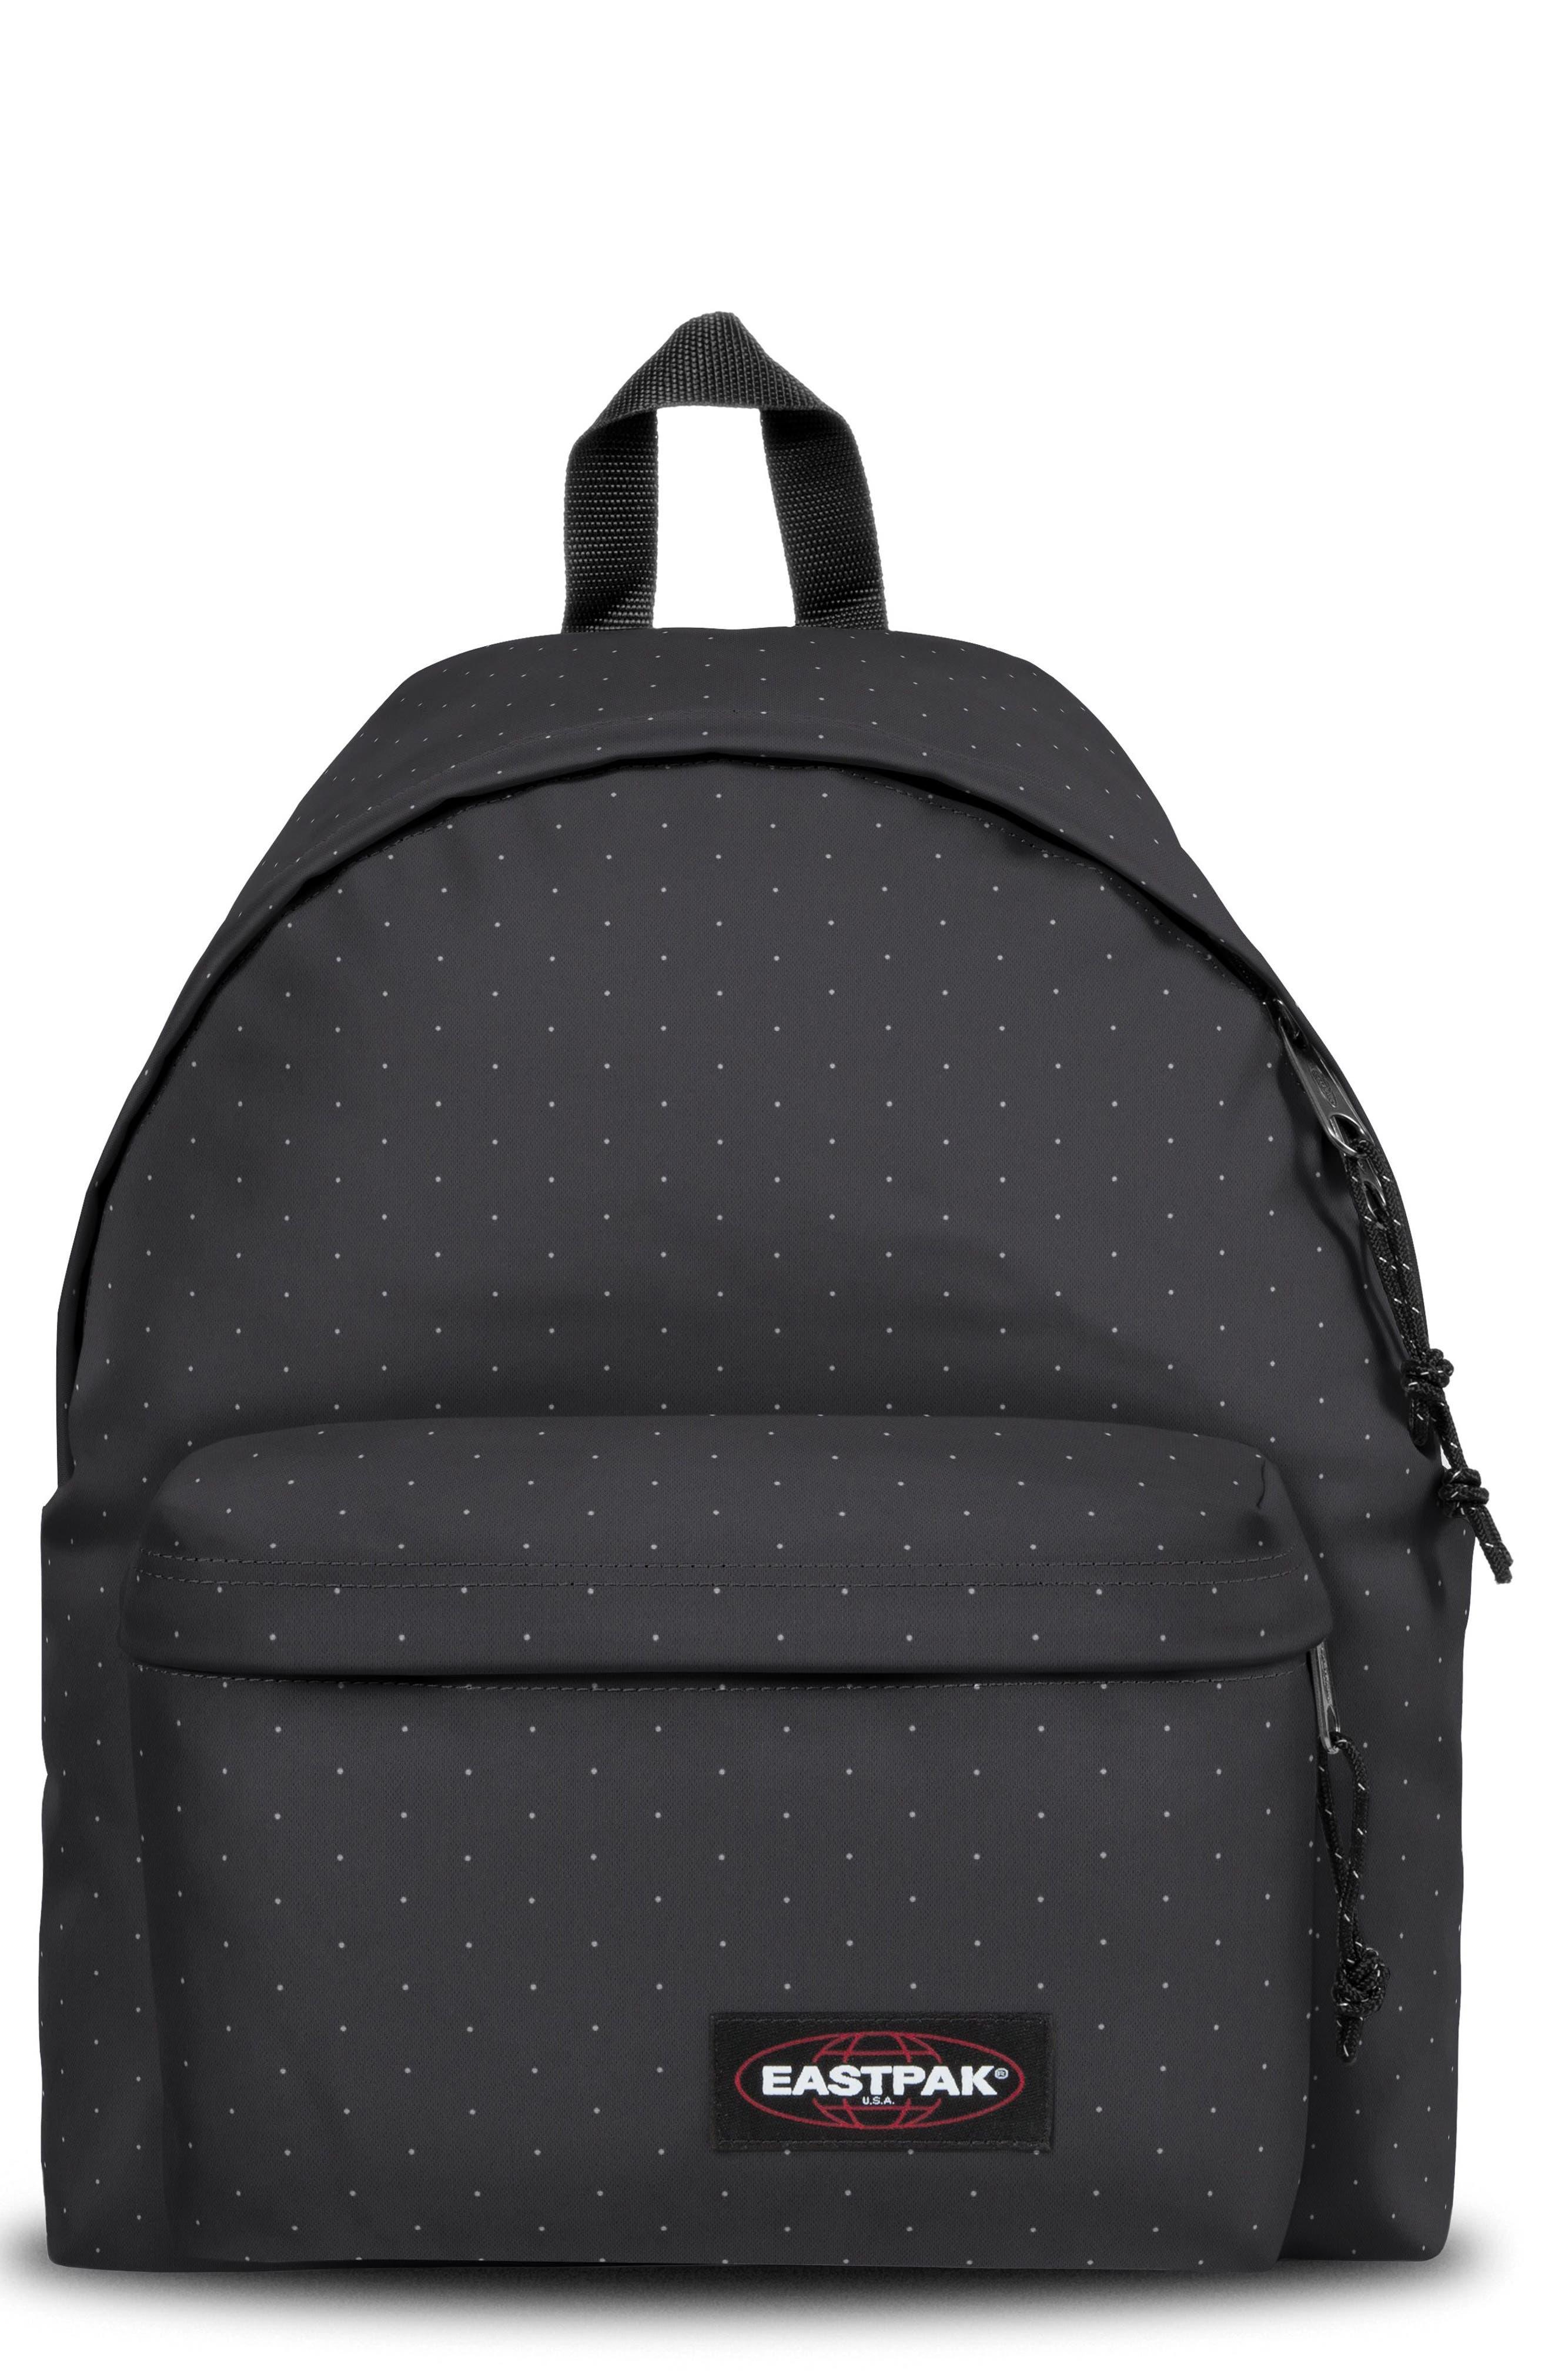 EASTPAK Padded Pak'r<sup>®</sup> Nylon Backpack, Main, color, MINI DOT